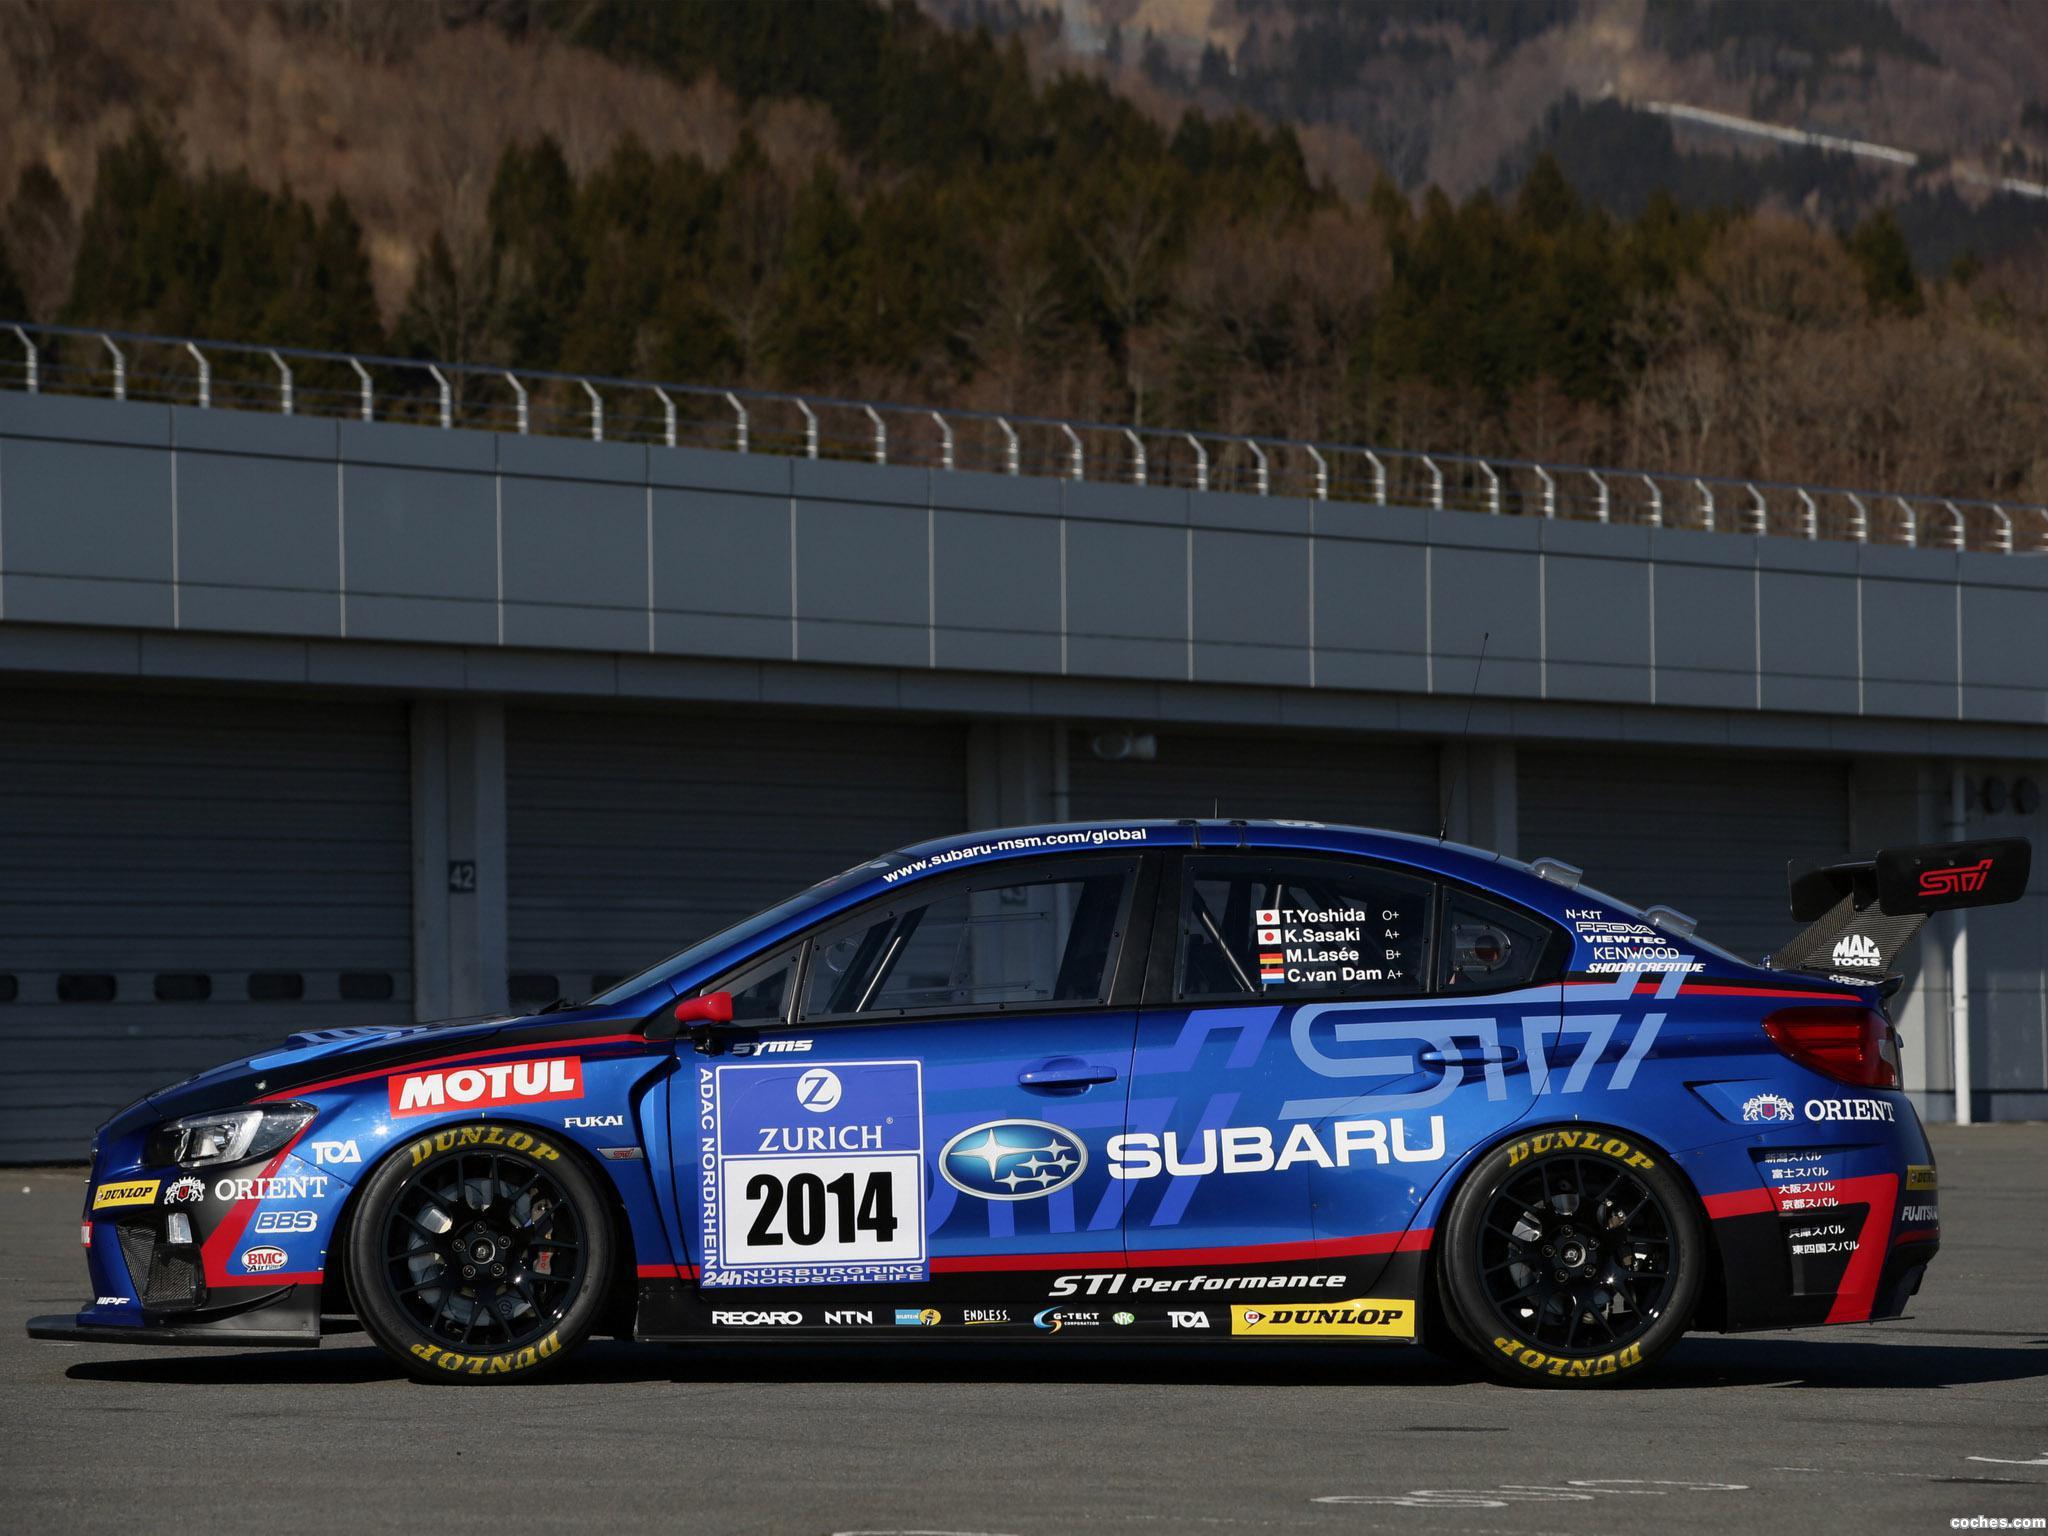 Foto 13 de Subaru WRX STI Race Car 2014